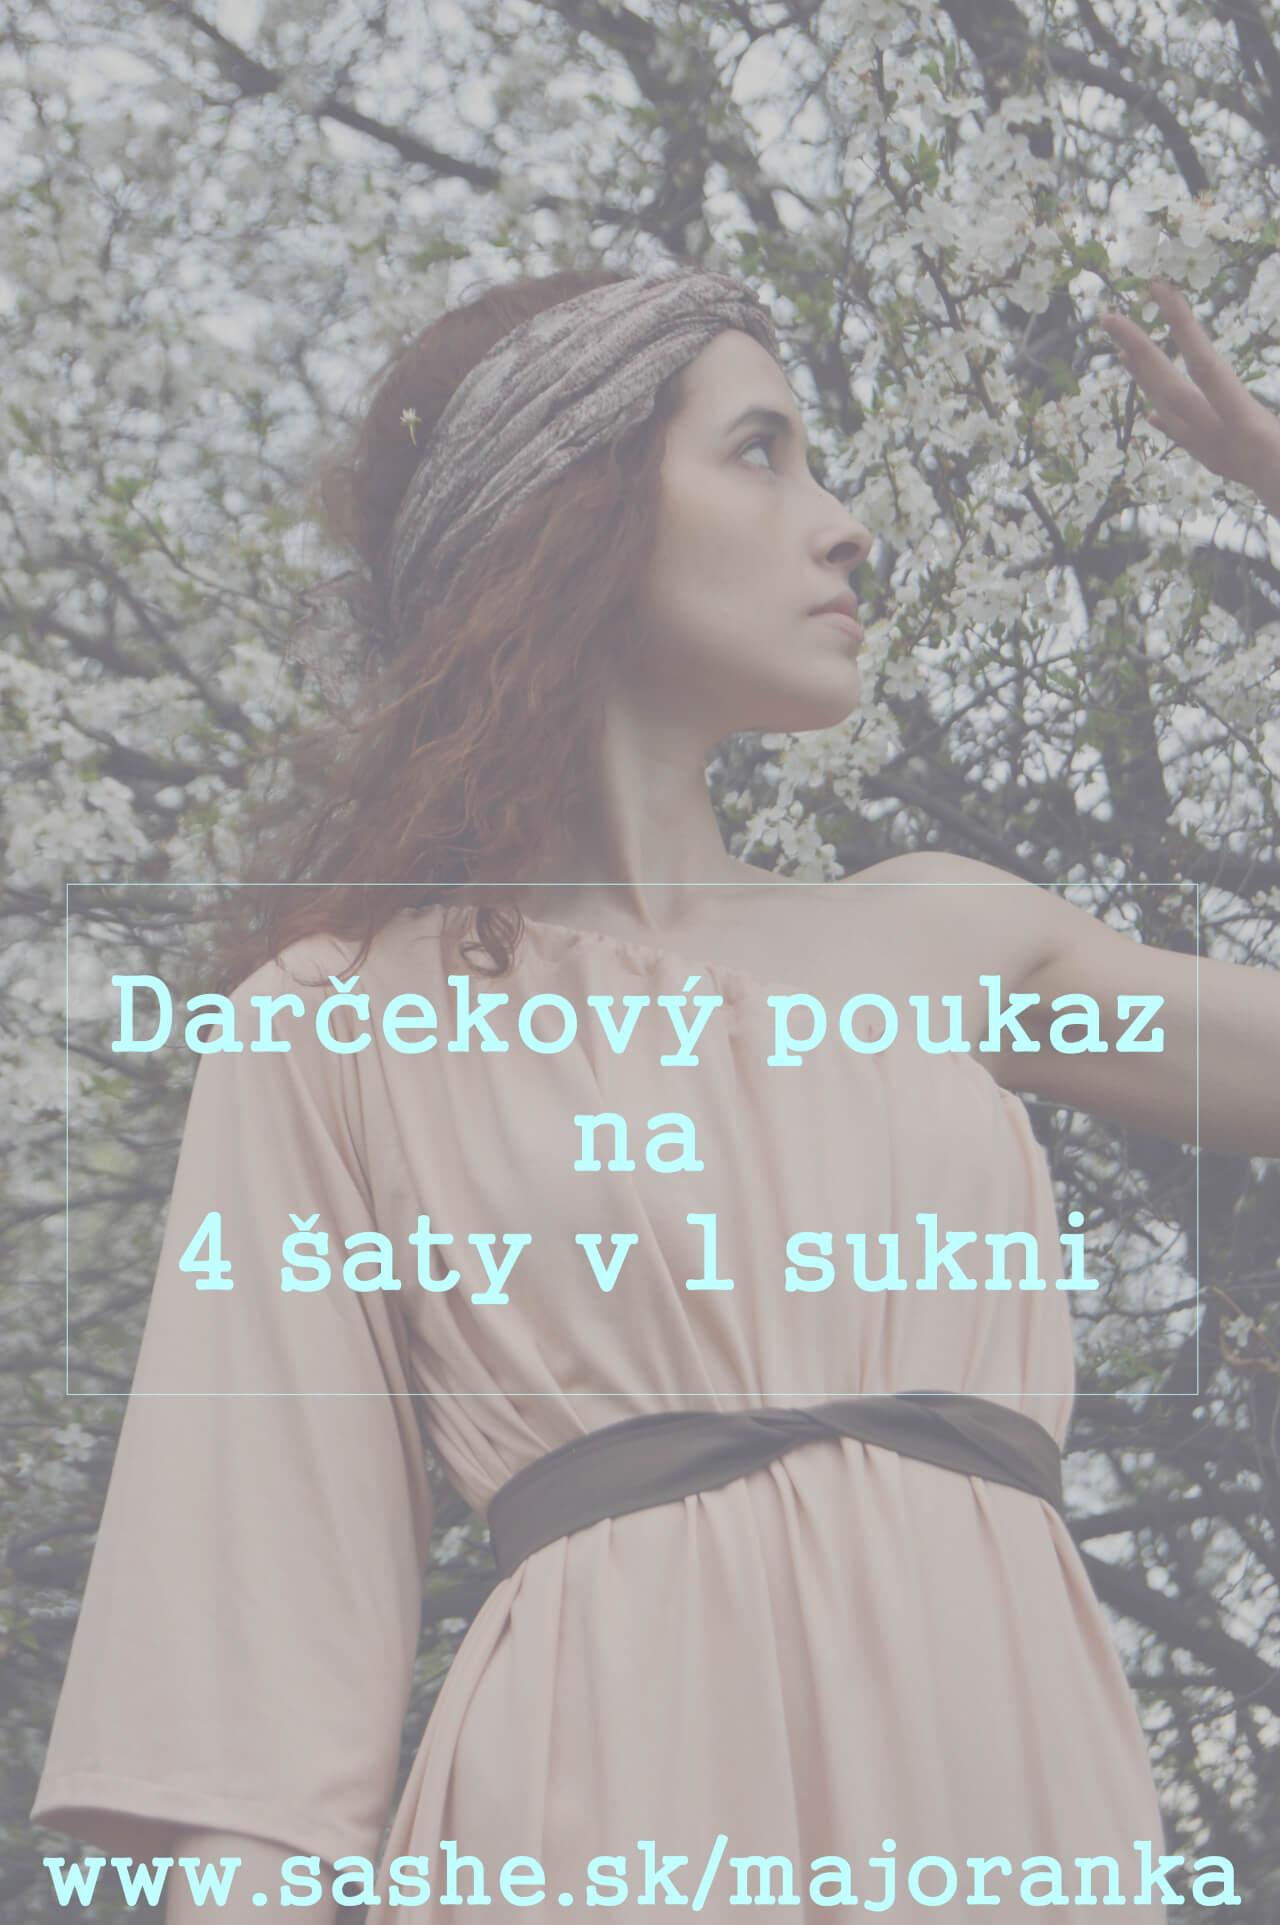 Darčekový poukaz na oblečenie od slovenskej značky